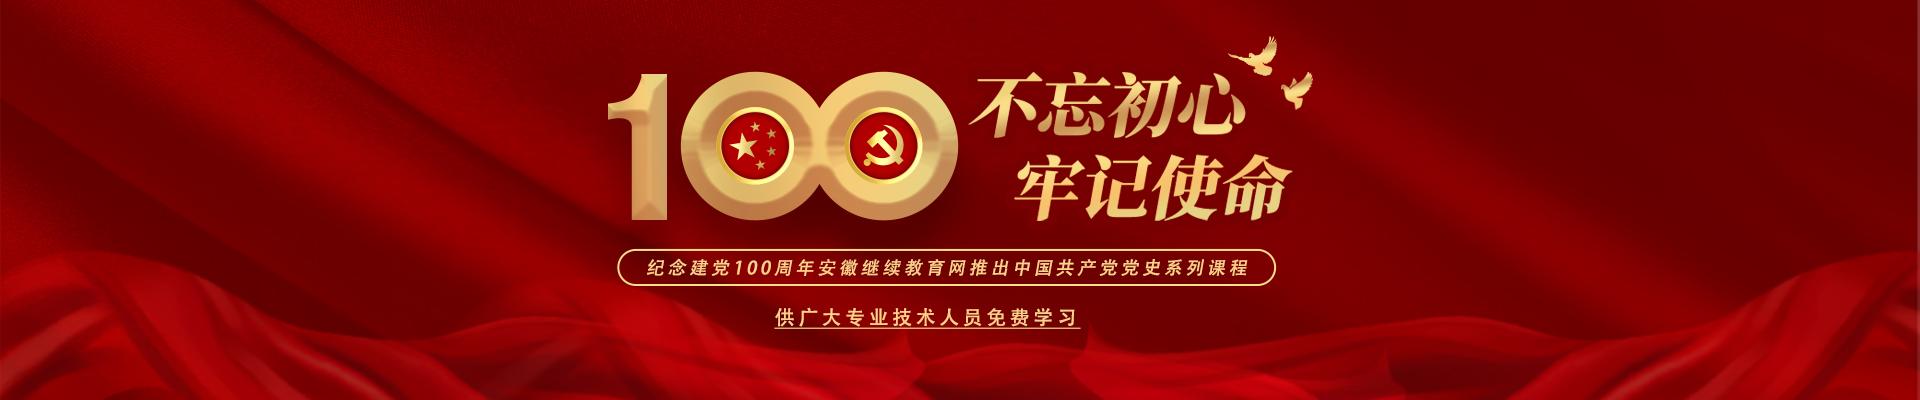 纪念建党100周年